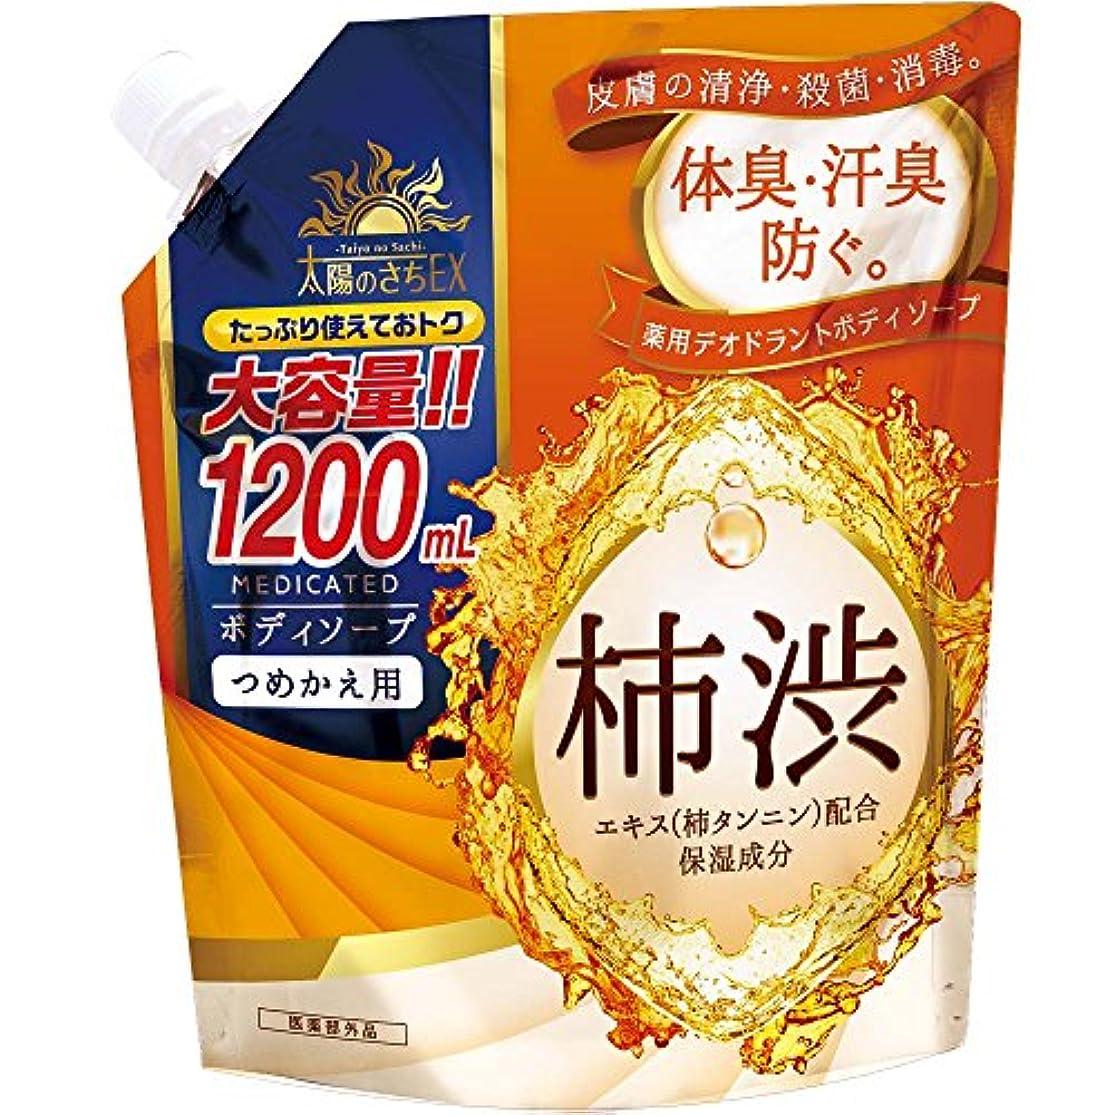 異形不実稚魚薬用太陽のさちEX柿渋ボディソープ 大容量 1200mL